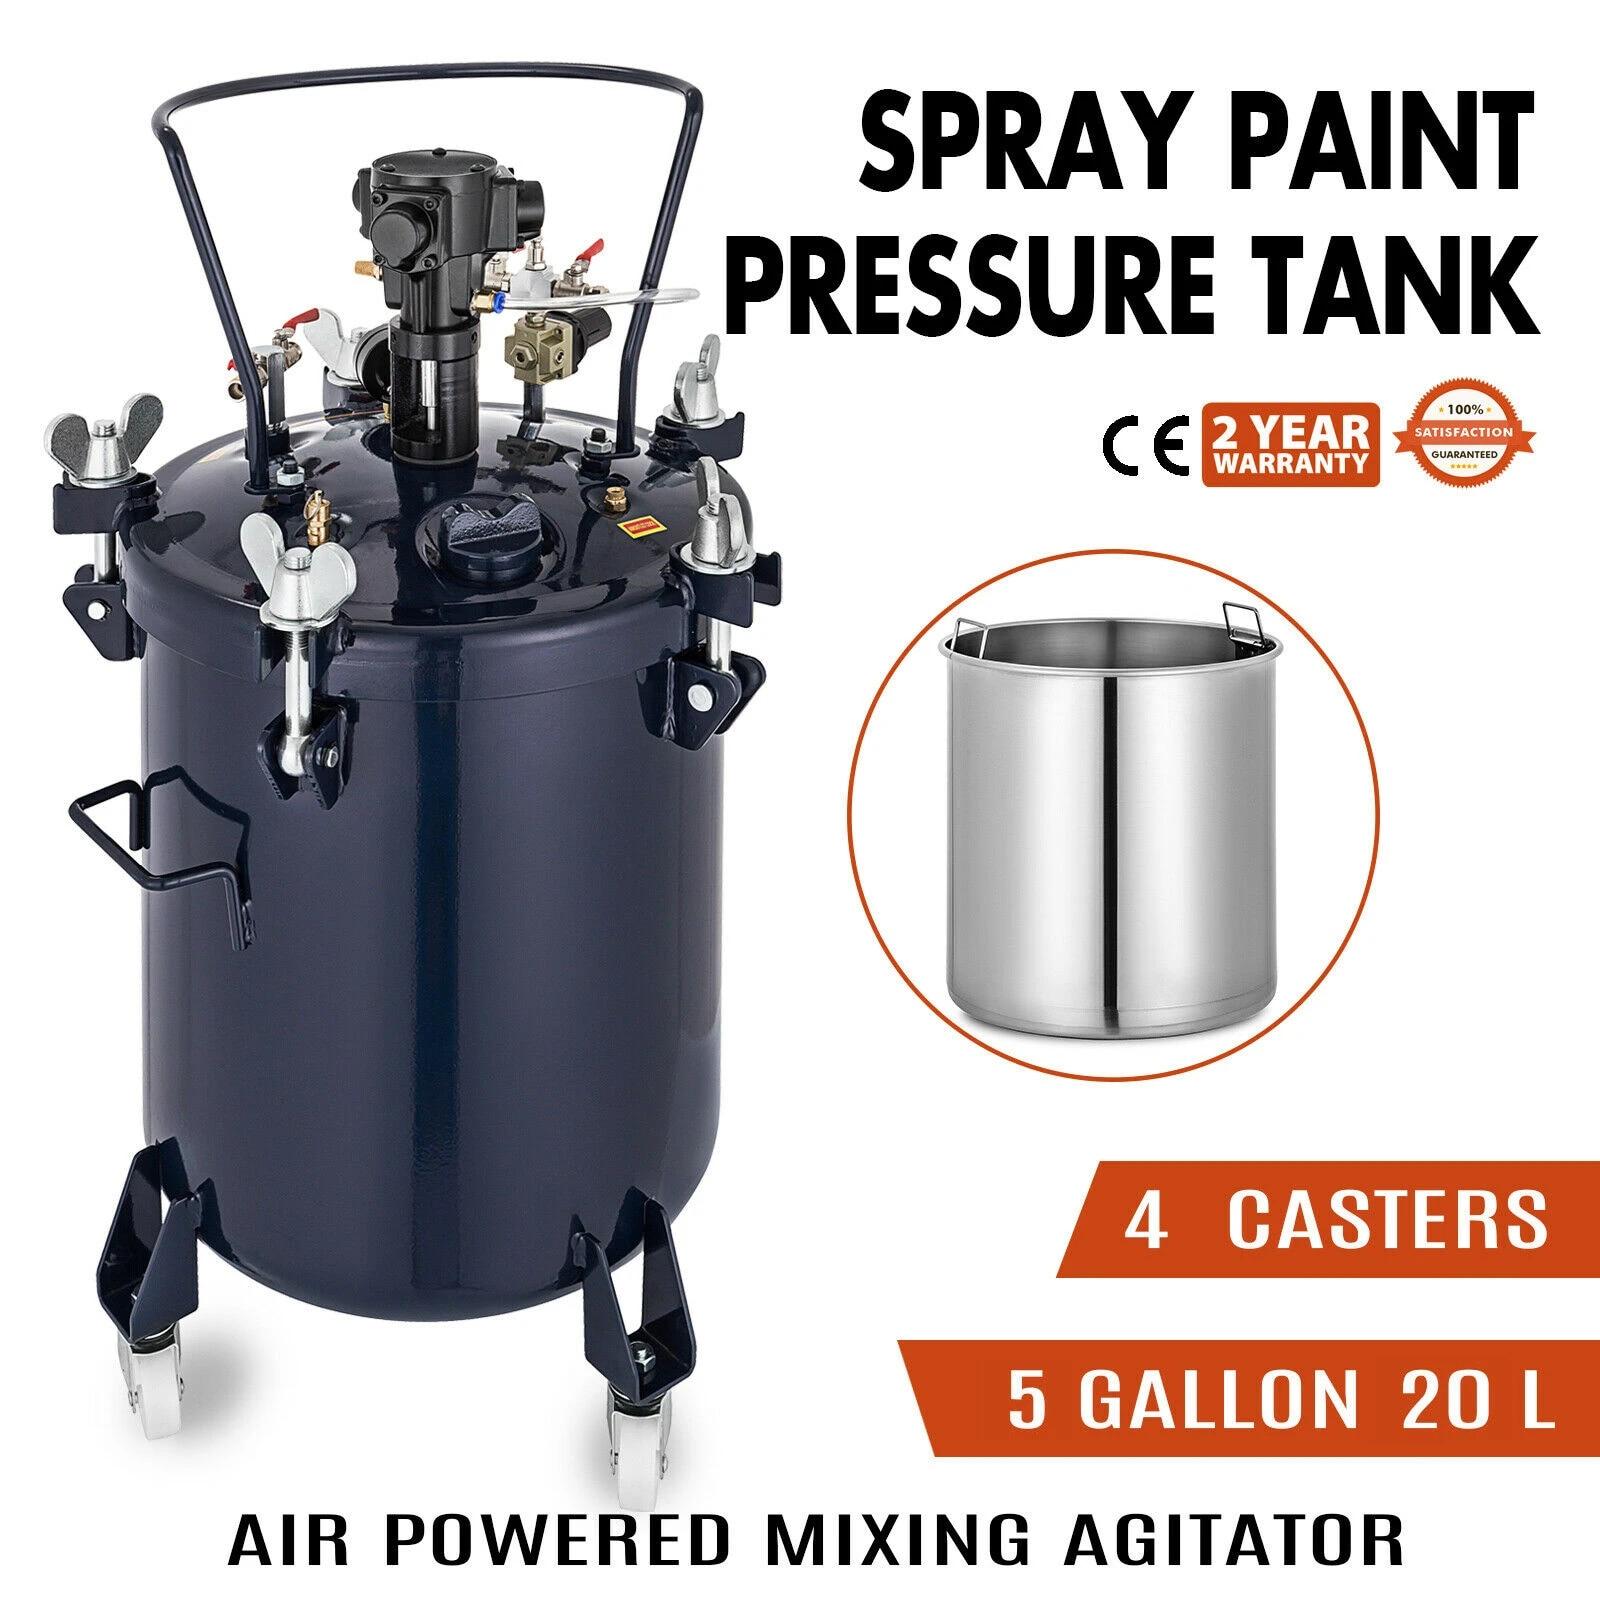 5 Gallon Spray Paint Pressure Pot Agitator Commercial Lacquer 3//8 Fluid Outlet